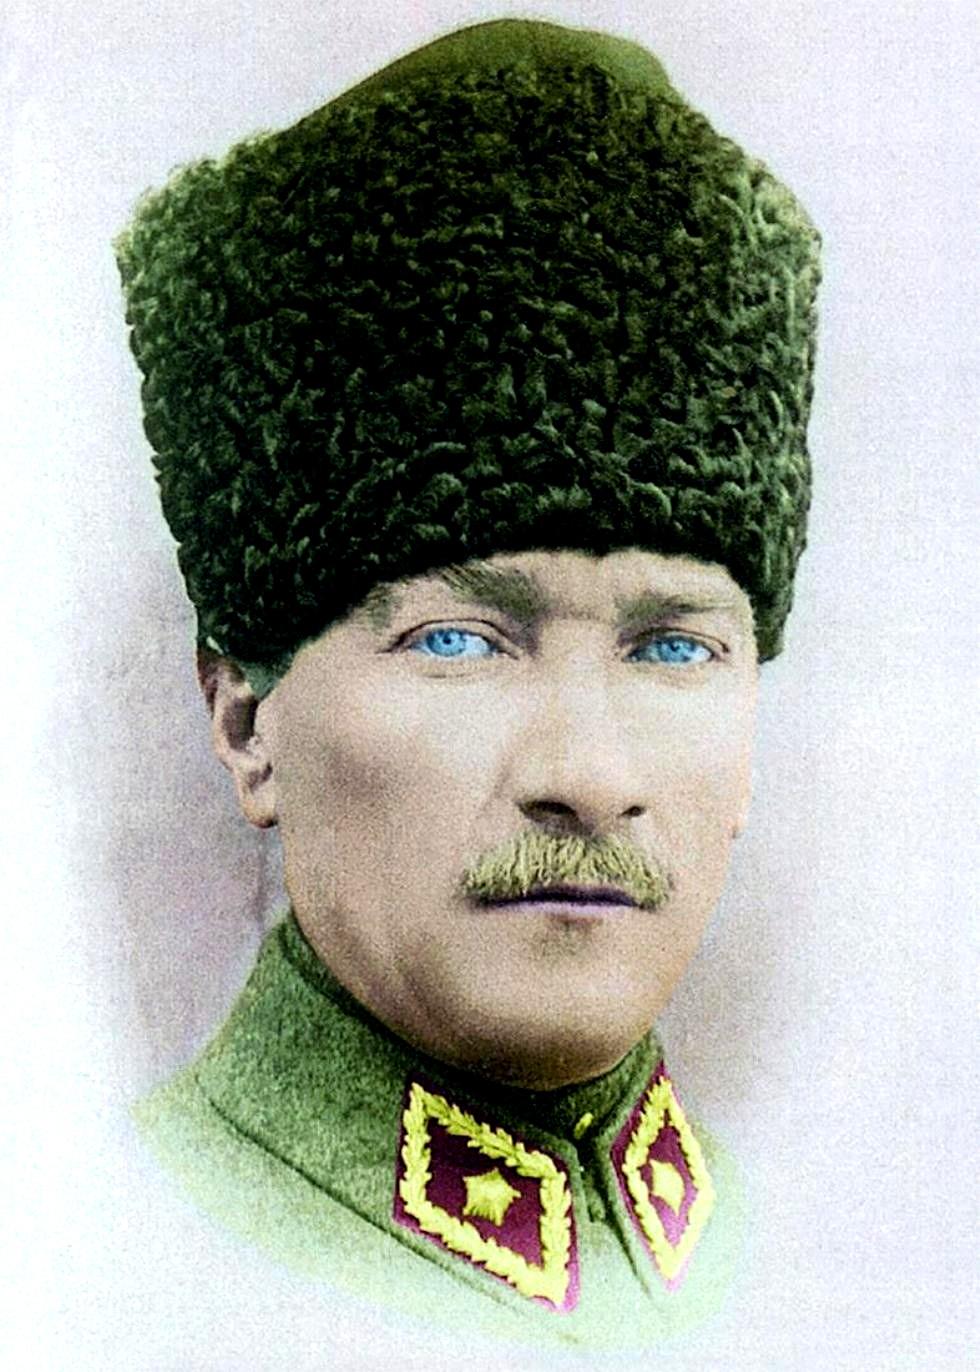 MÉXICO - Etnografía, cultura y mestizaje - Página 2 Ghazi-Mustafa-Kemal-Ataturk